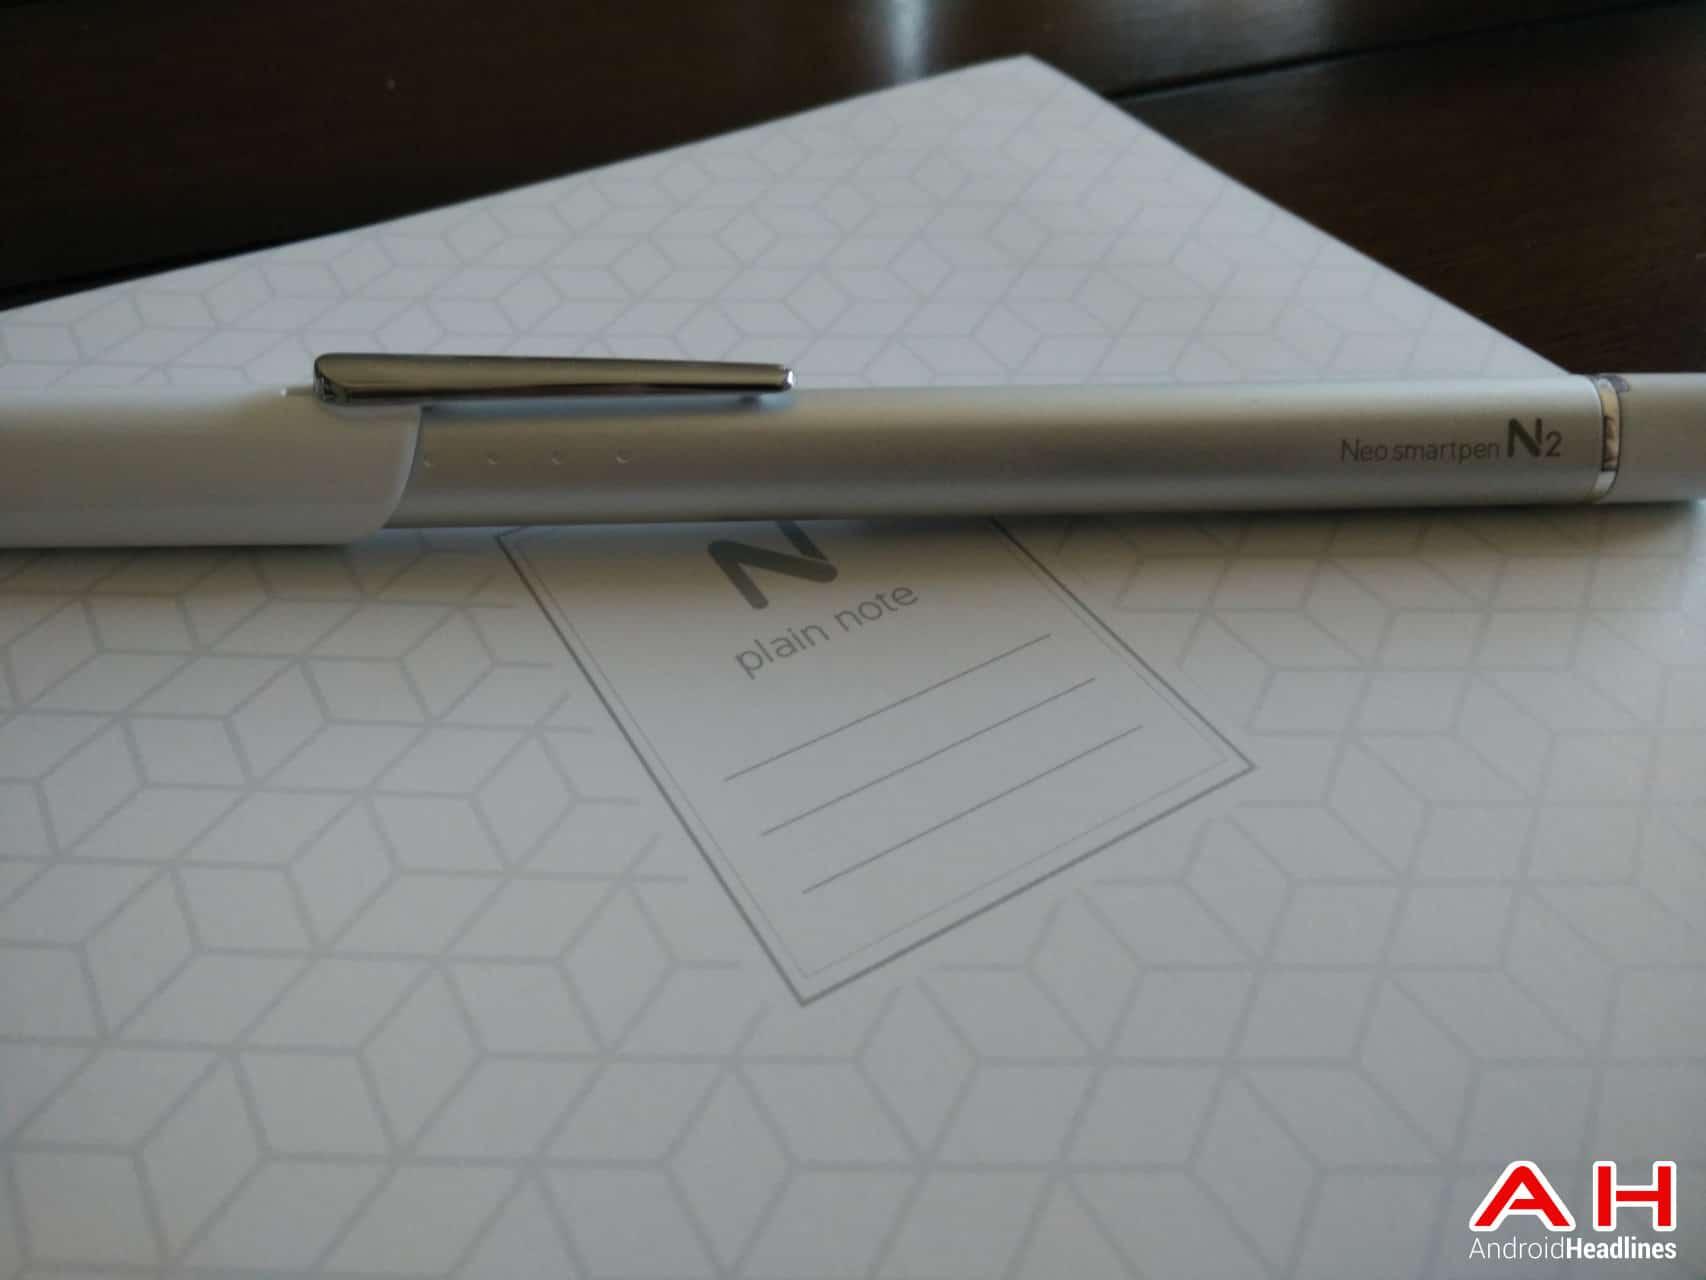 Neo Smartpen N2-27